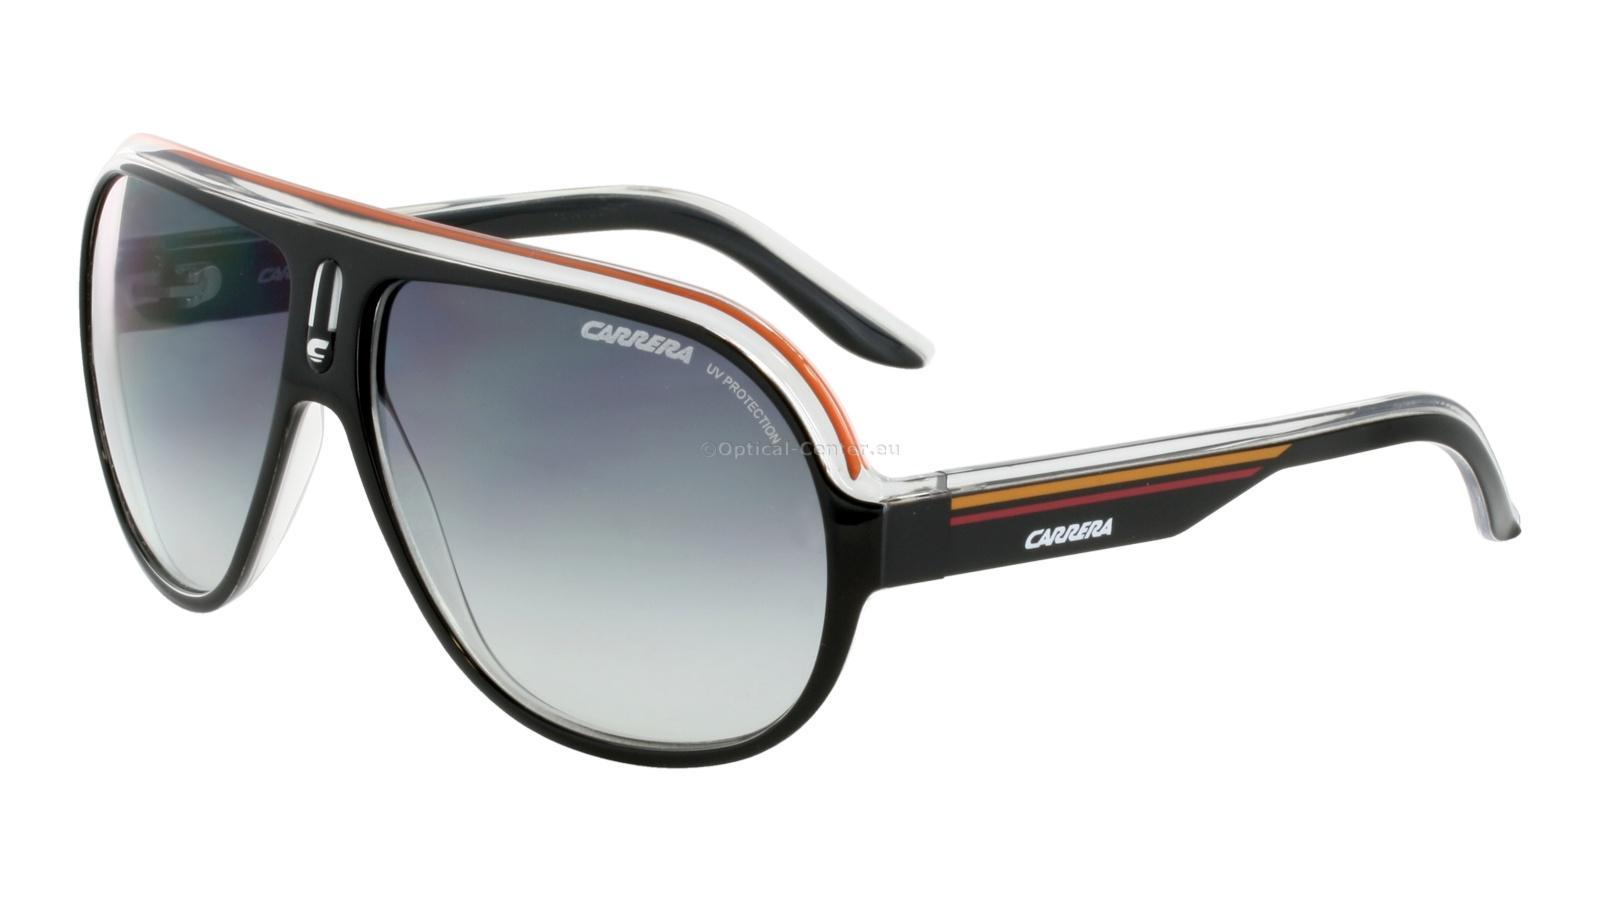 achat lunette carrera,lunettes de soleil carrera 8 lunette